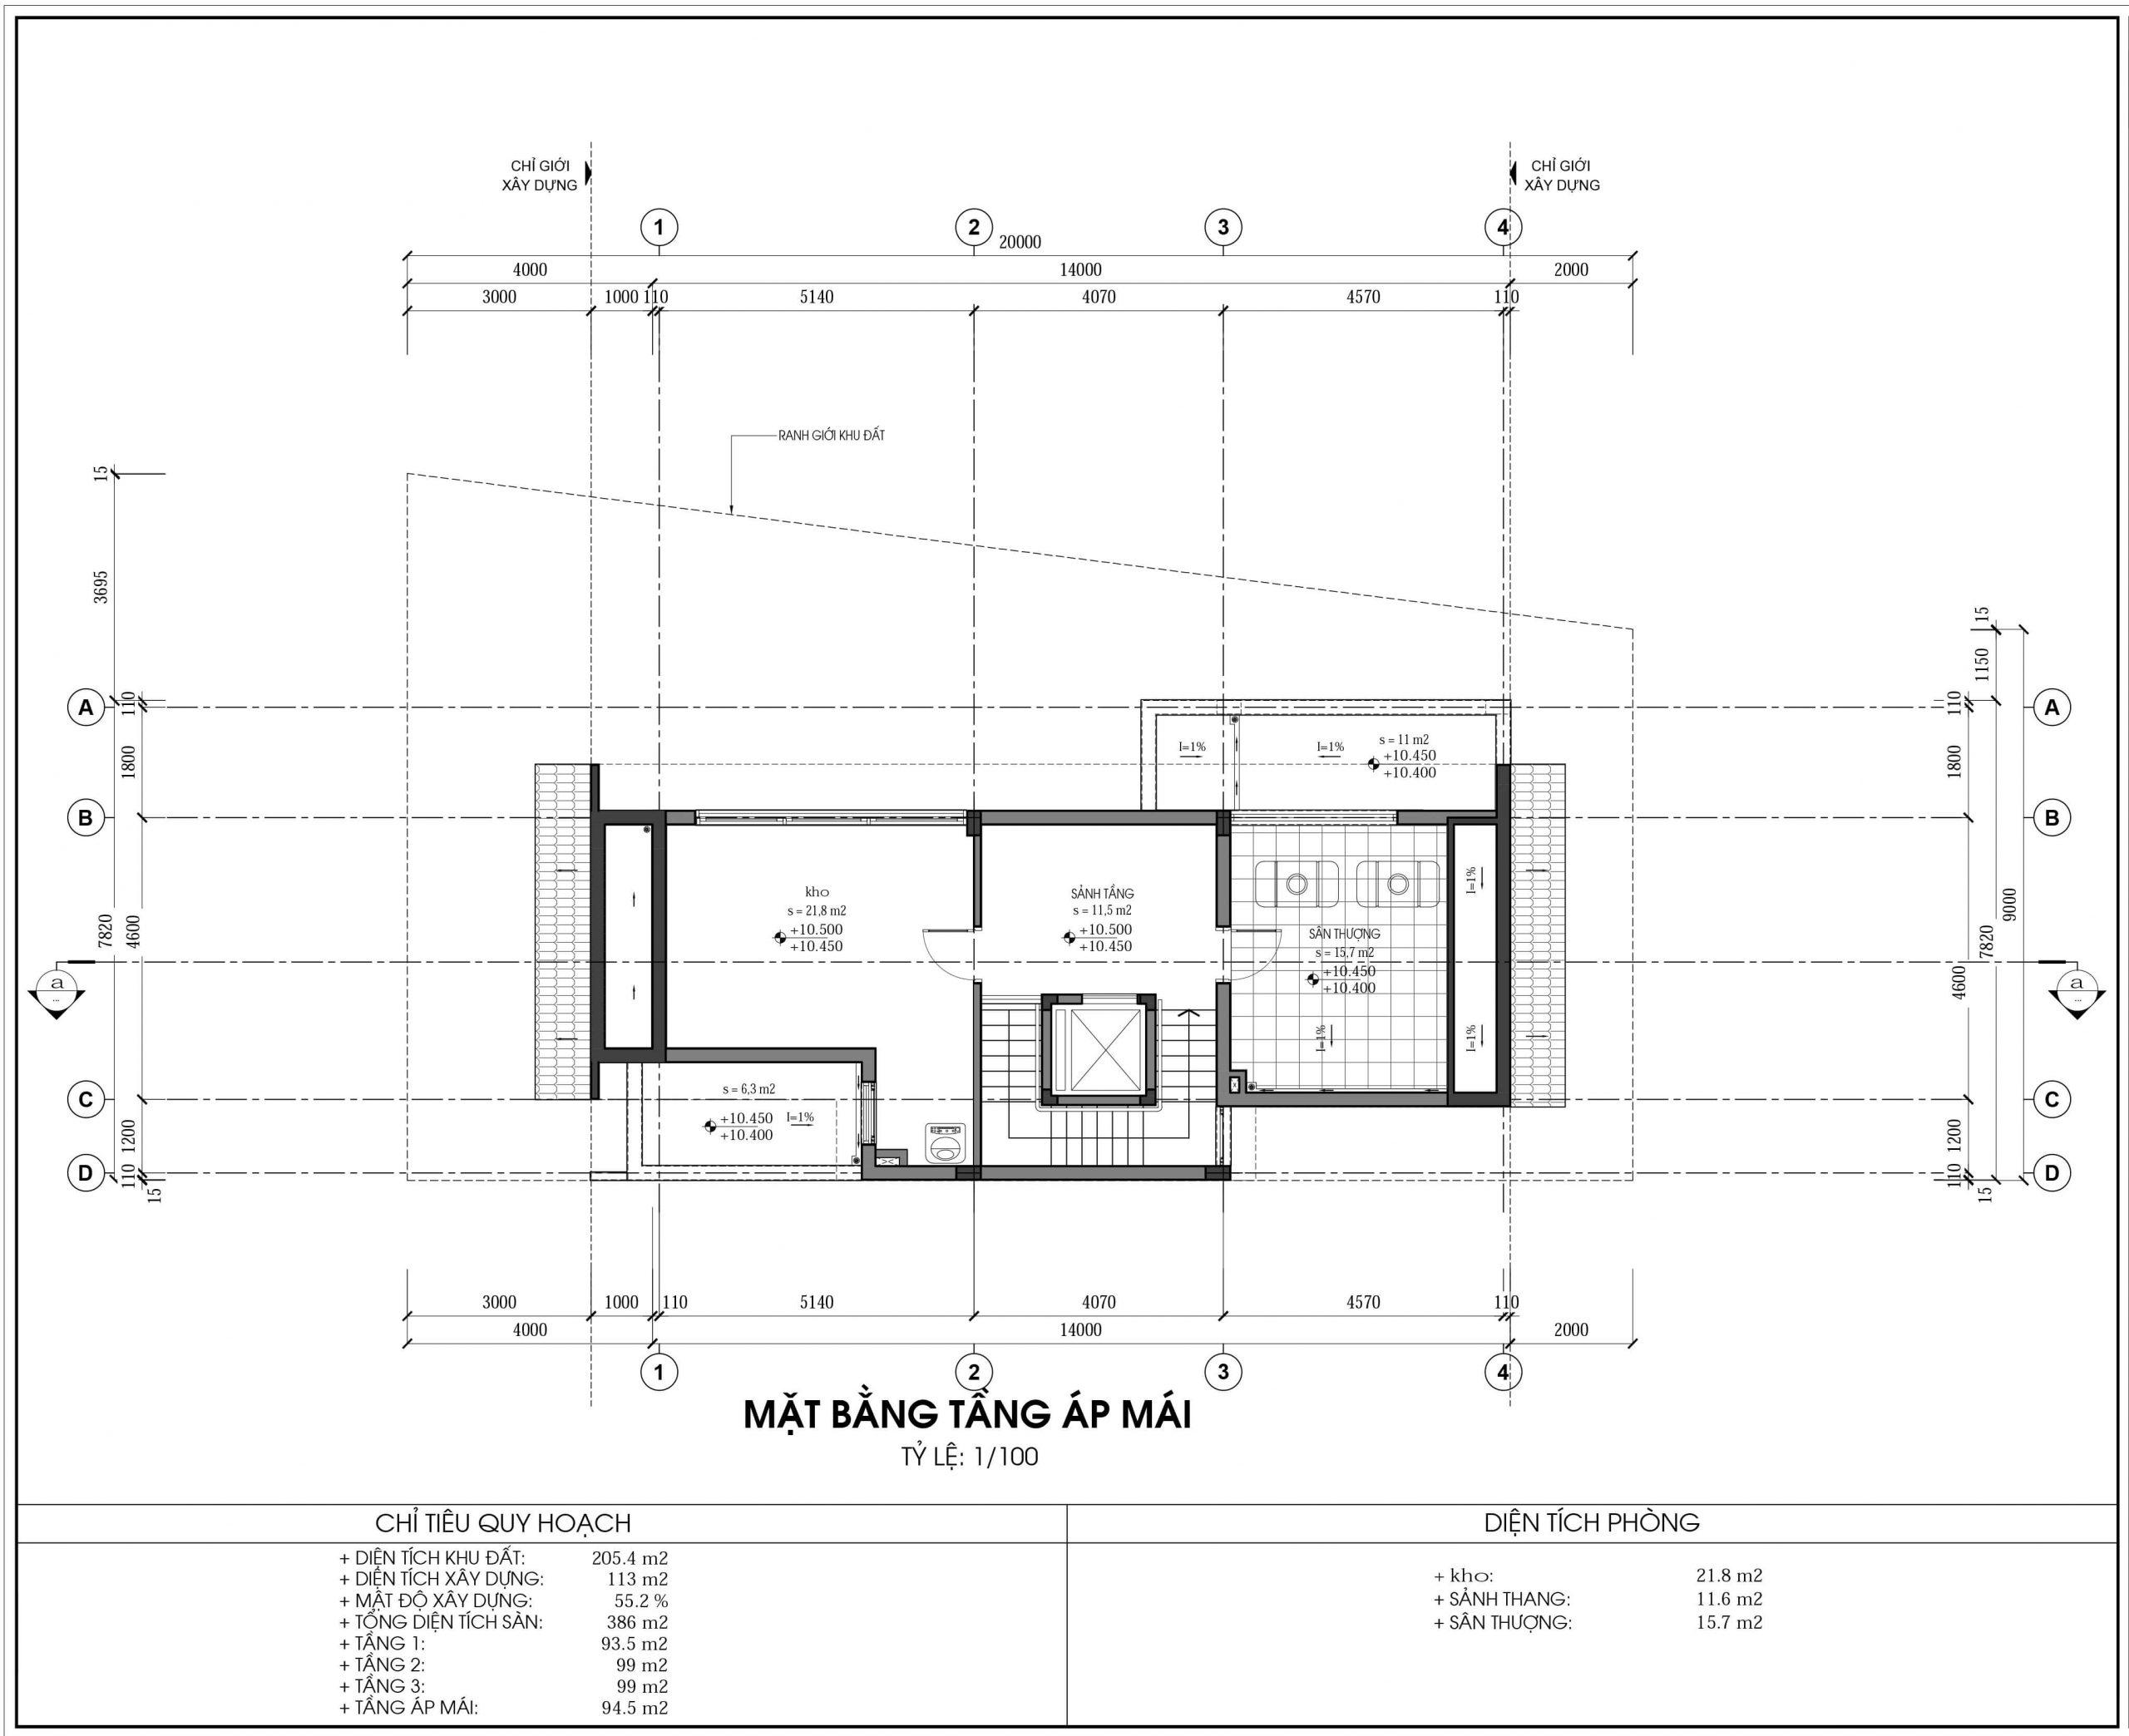 Thiết kế biệt thự An Vượng Villa mẫu D3-5 diện tích 205.4m2 tầng 4